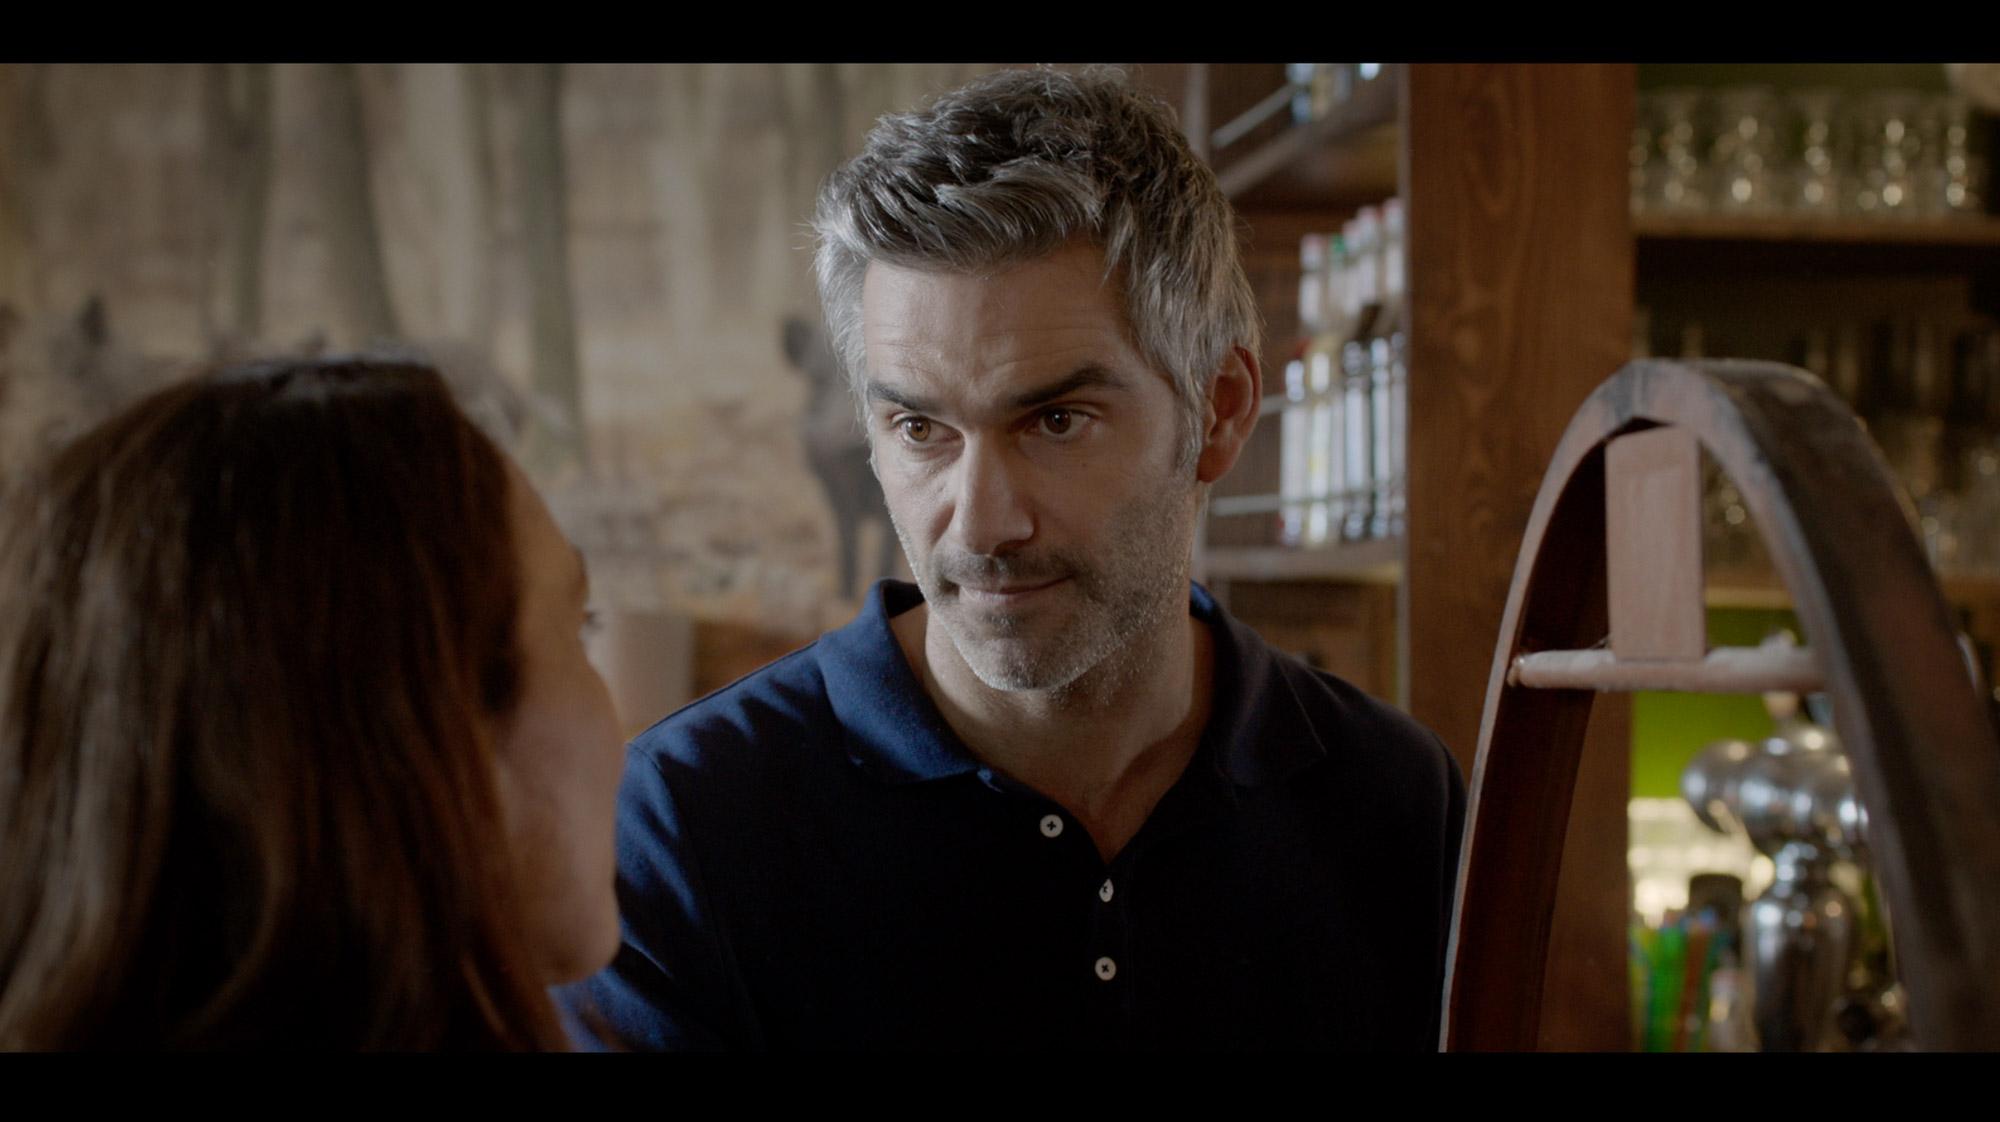 HARD saison 3 - Canal +